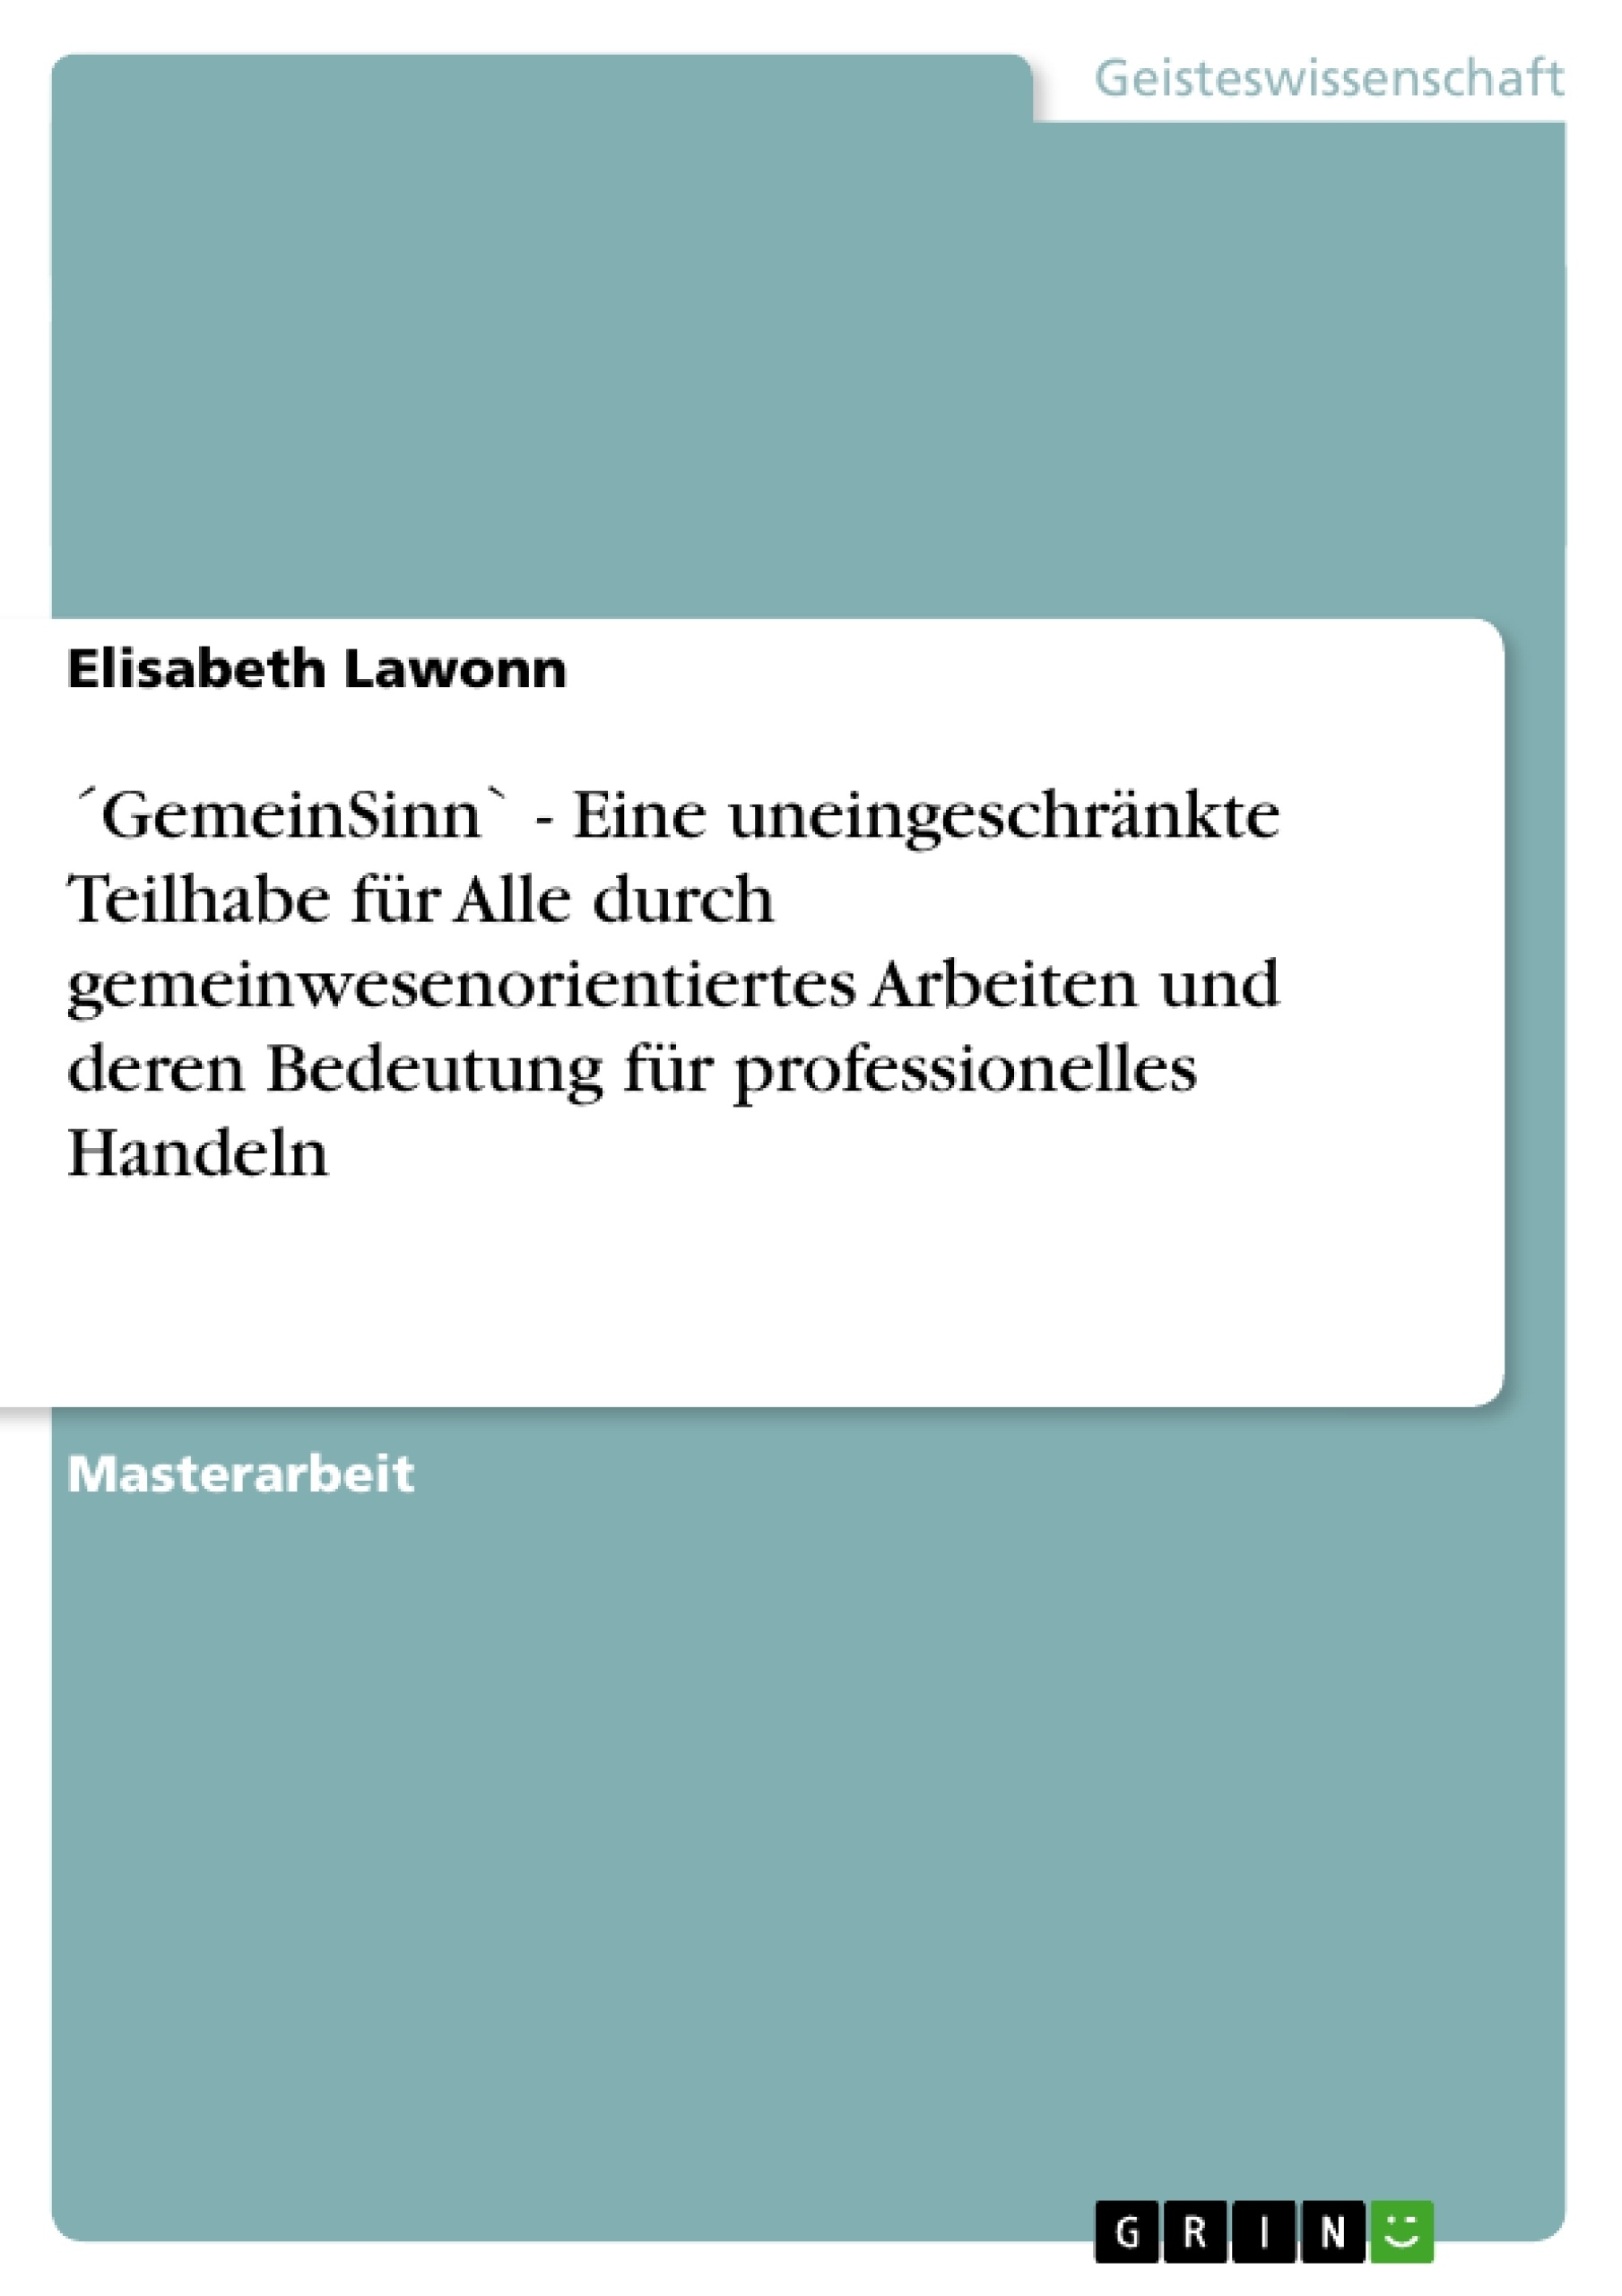 Titel: ´GemeinSinn` - Eine uneingeschränkte Teilhabe für Alle durch gemeinwesenorientiertes Arbeiten und deren Bedeutung für professionelles Handeln